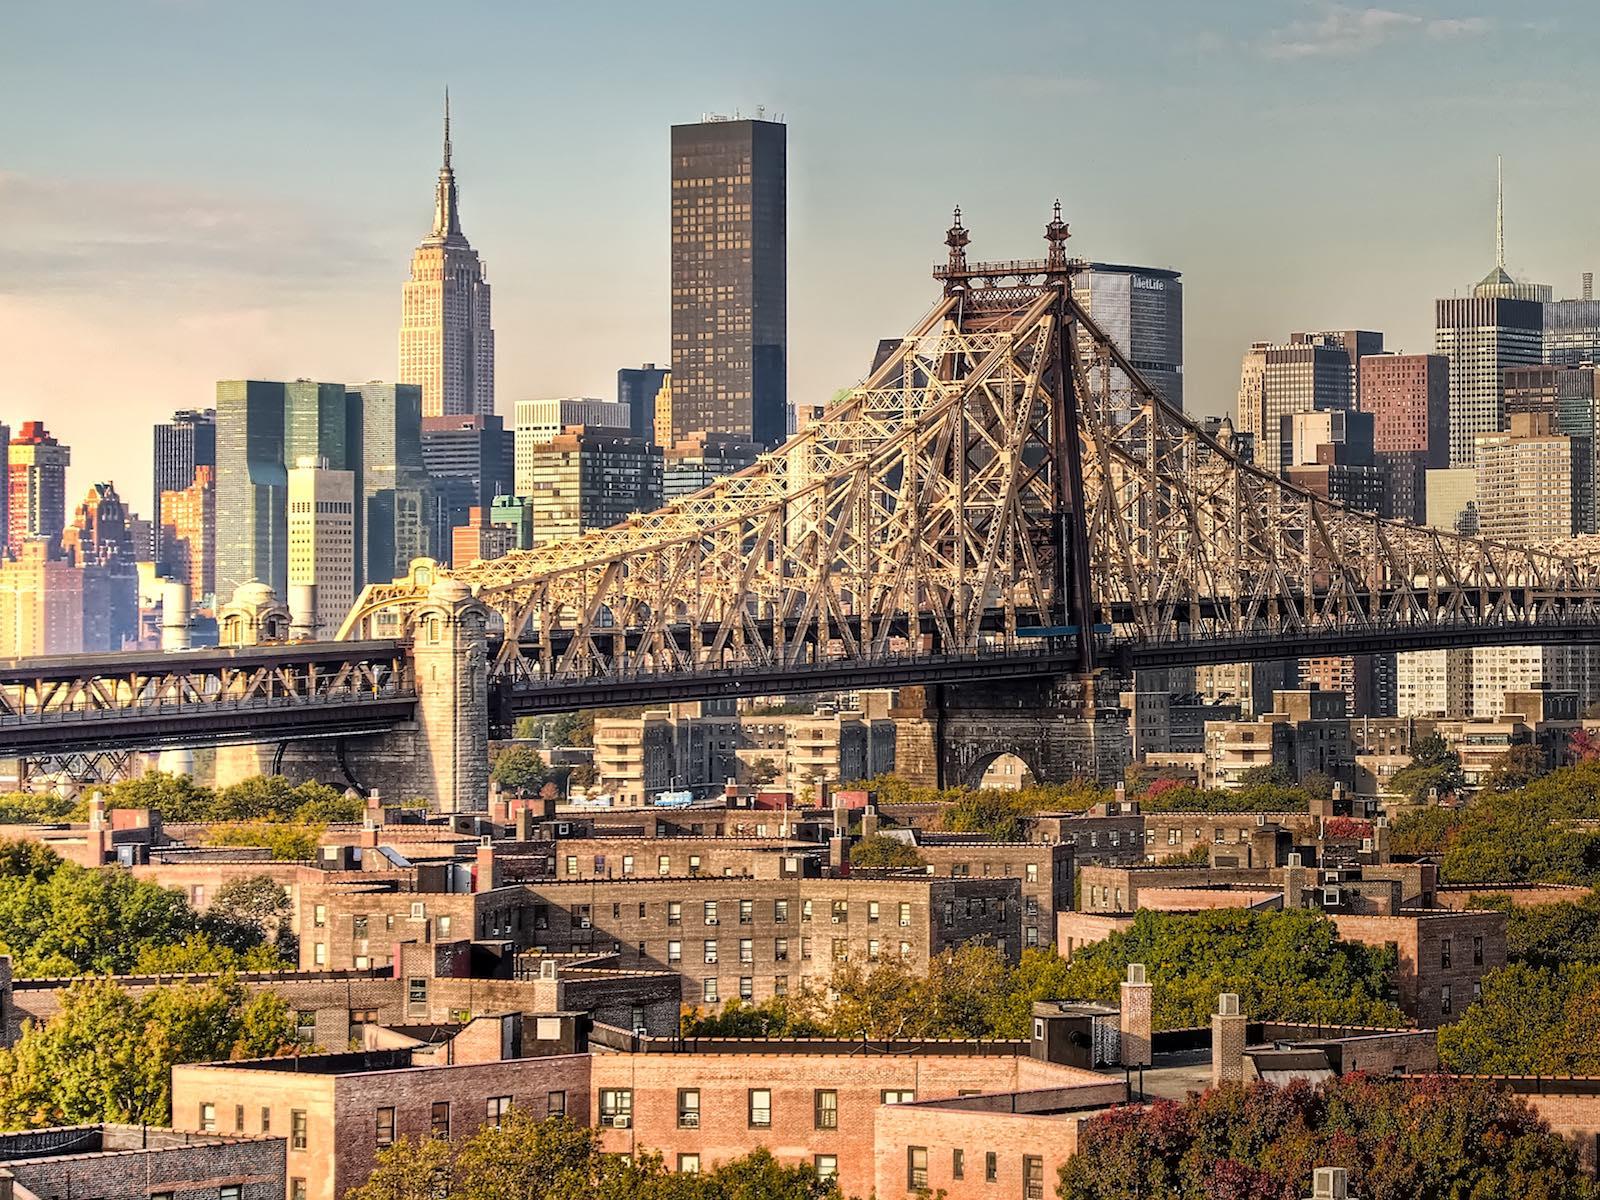 Belangrijke Gebouwen New York.Op Ontdekkingsreis Door De 5 Wijken In New York City